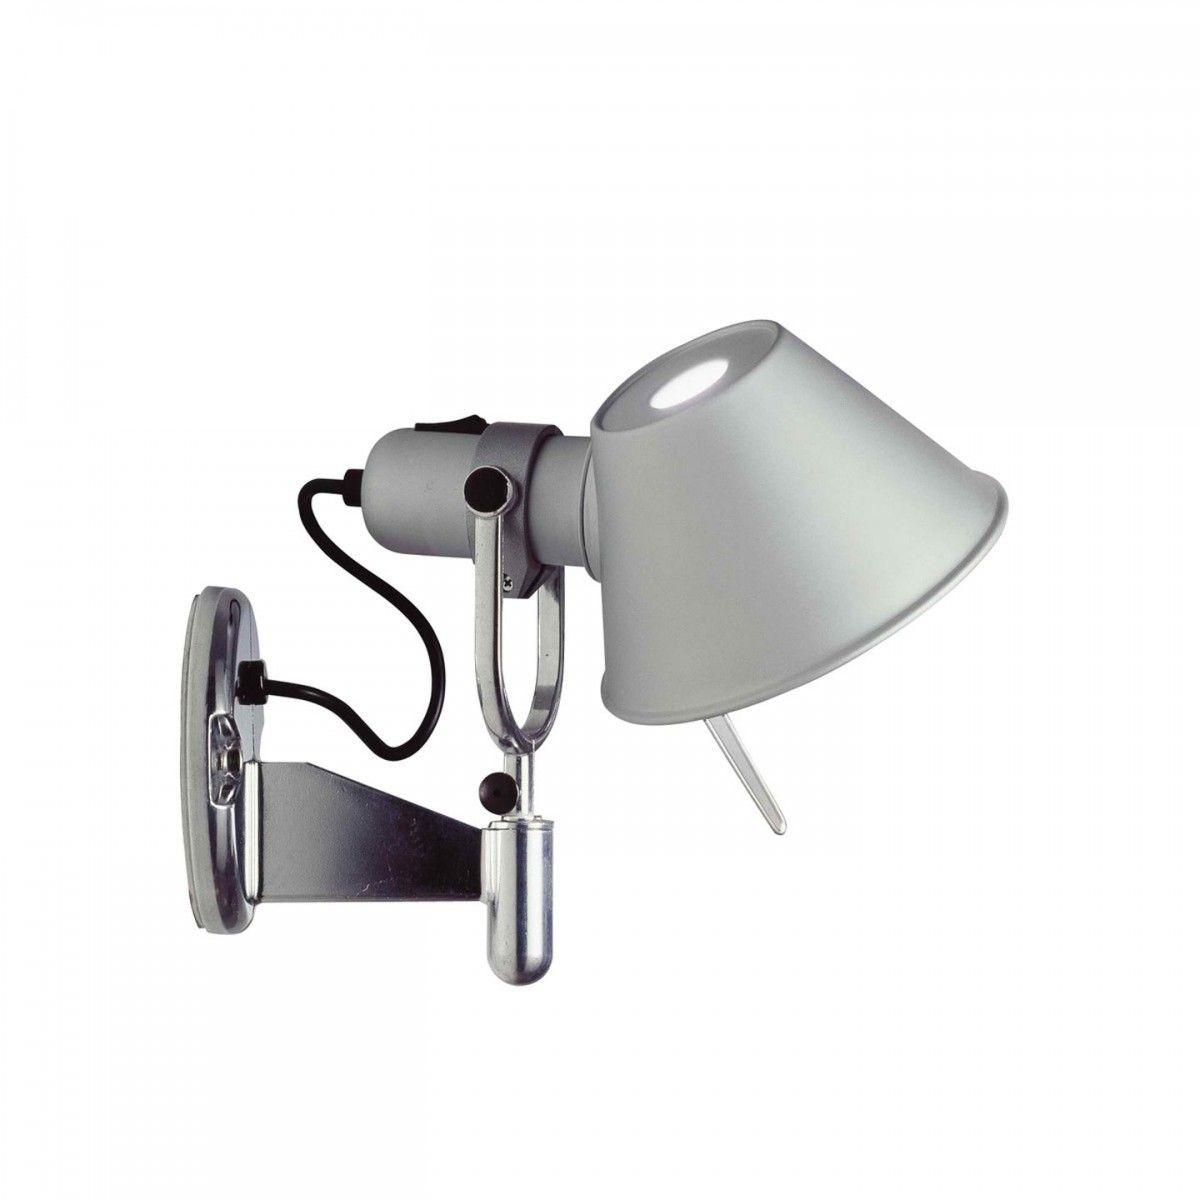 Tolomeo Faretto Wall Lamp Wall Lamp Lamp Wall Lights